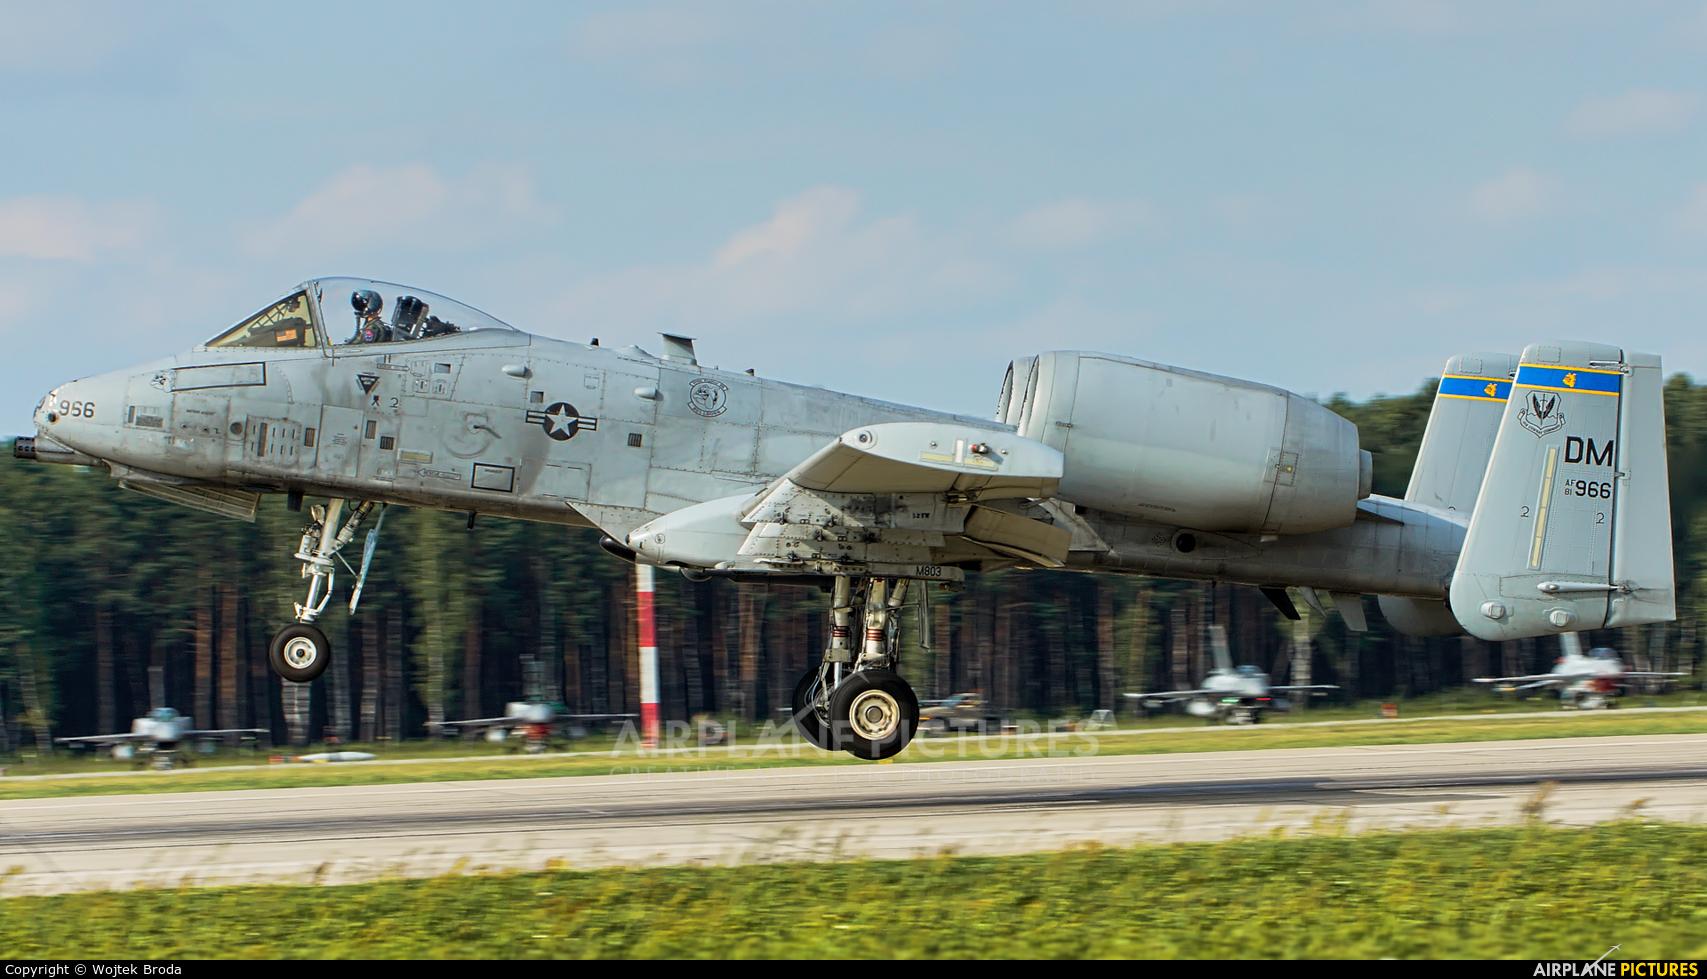 USA - Air Force 81-0966 aircraft at Łask AB